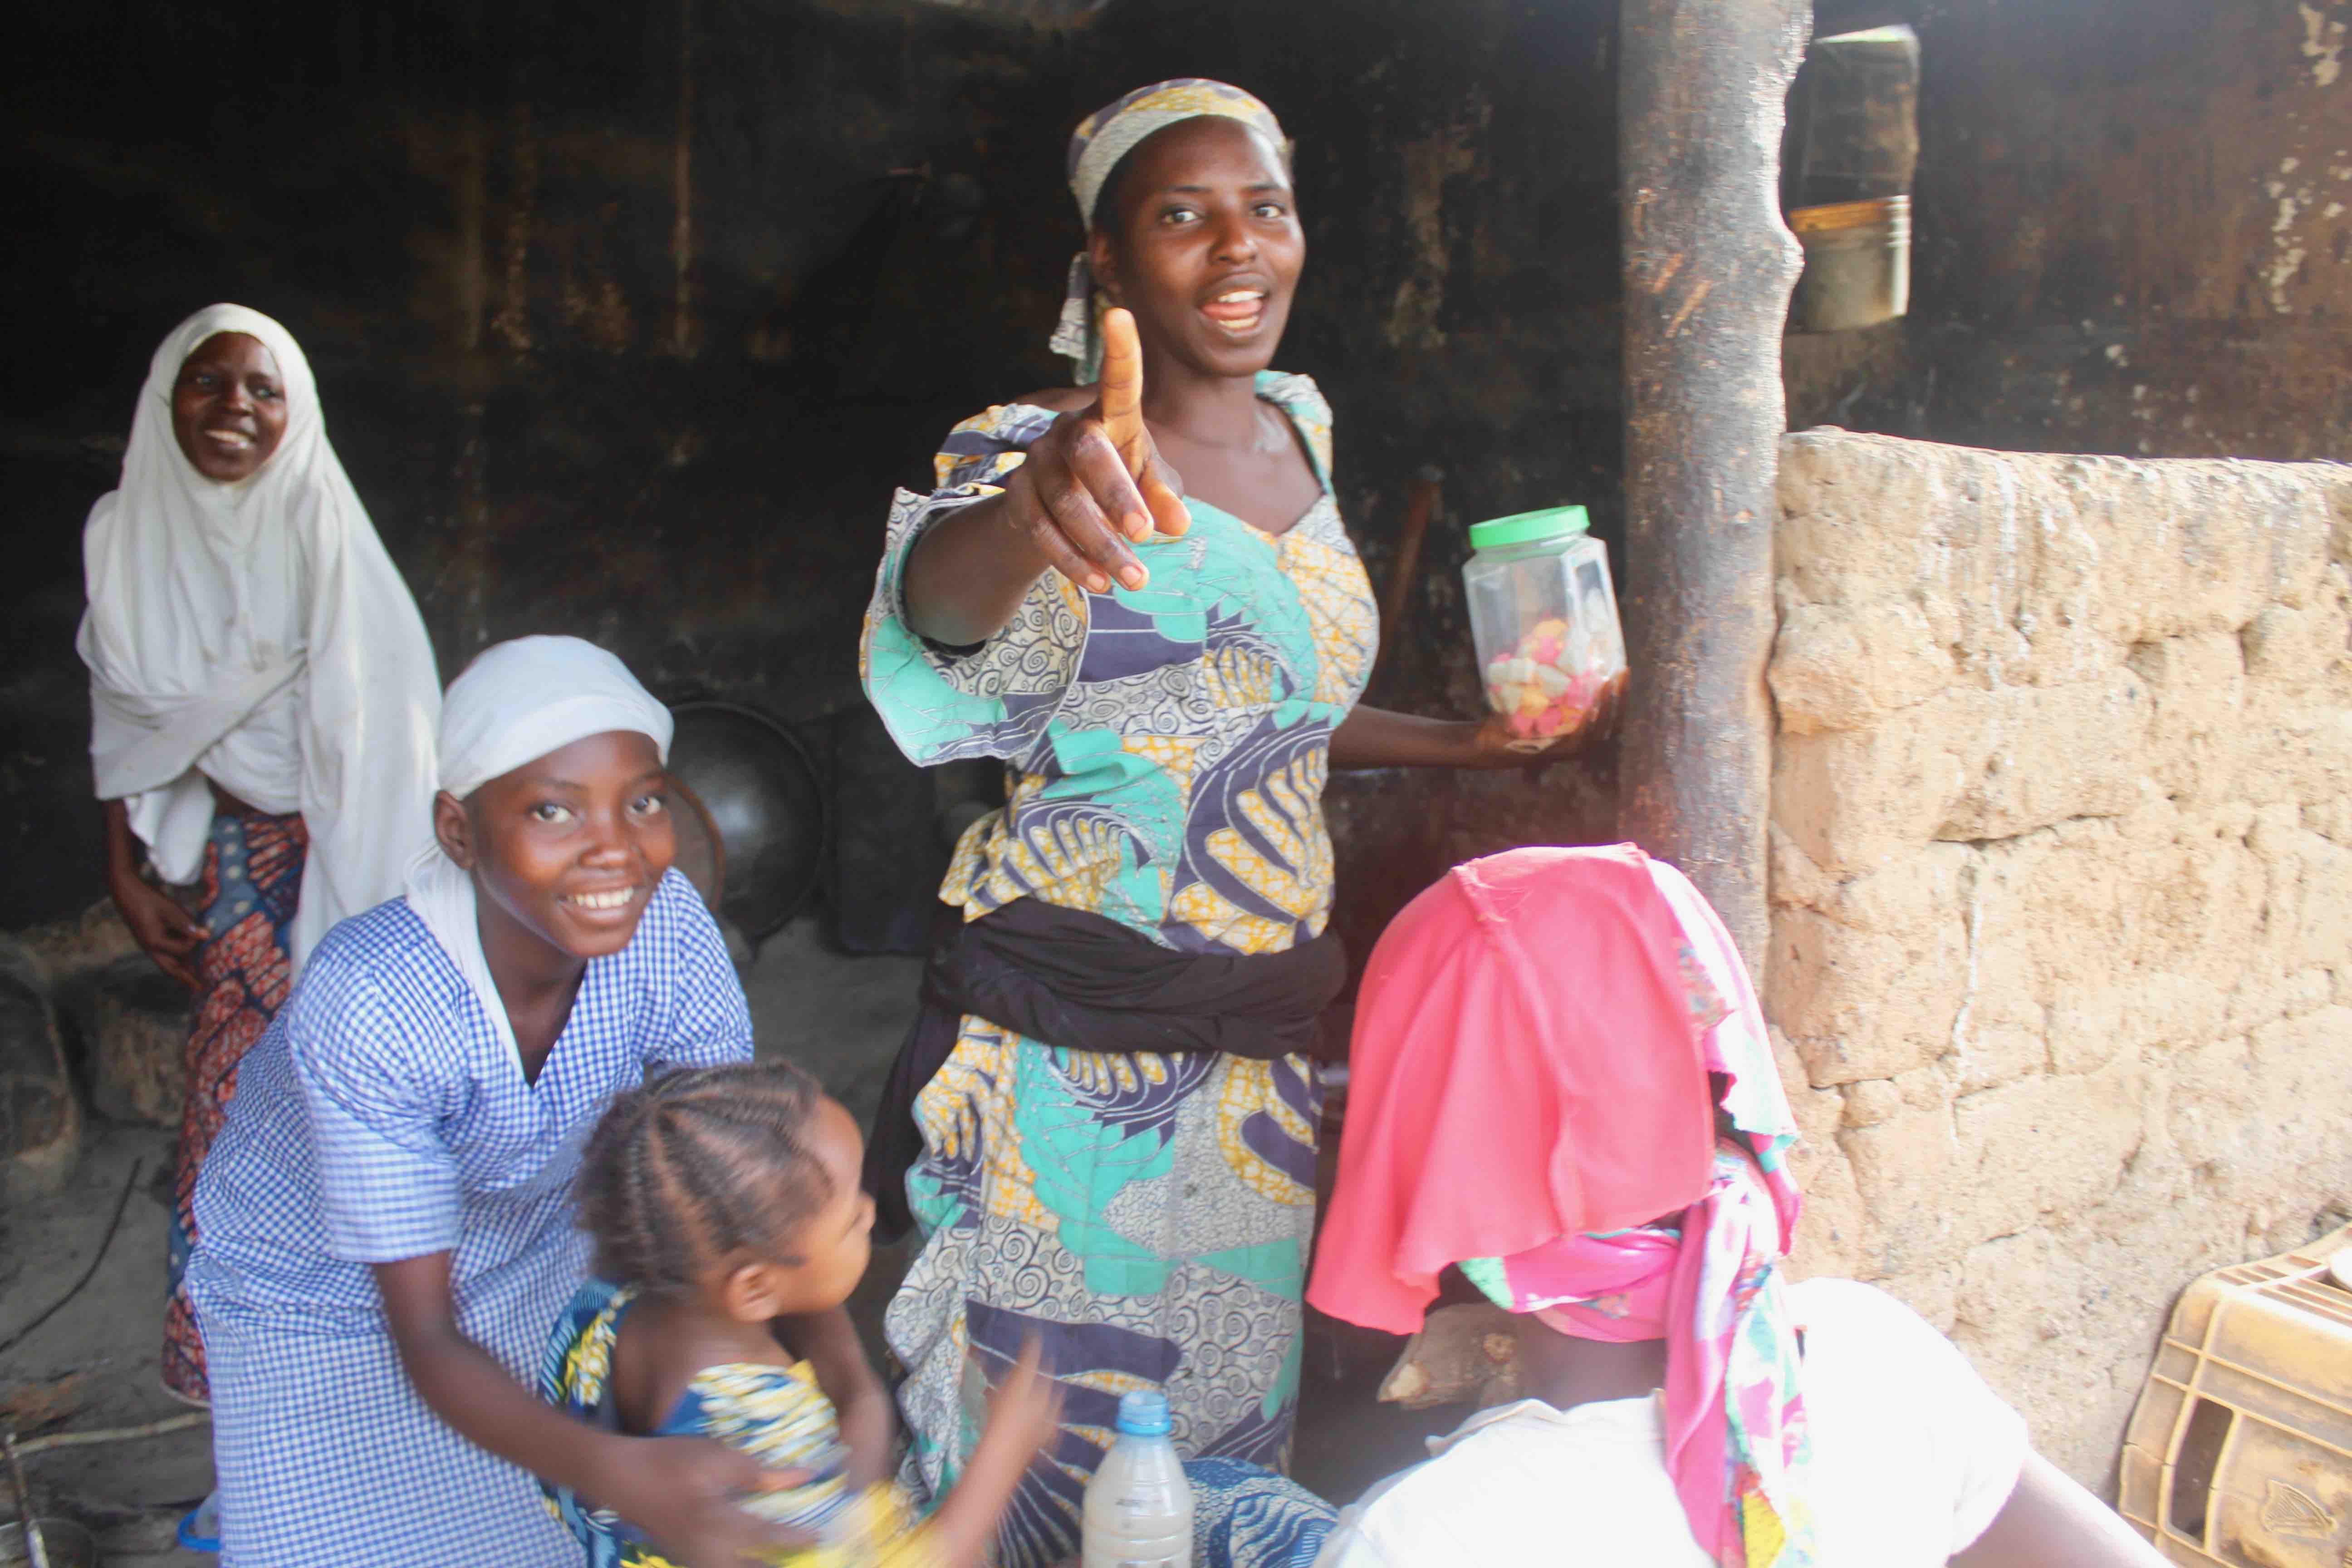 Hausa-Fulani Girls, Langa Langa Village, Nasarawa State, Nigeria. #JujuFilms